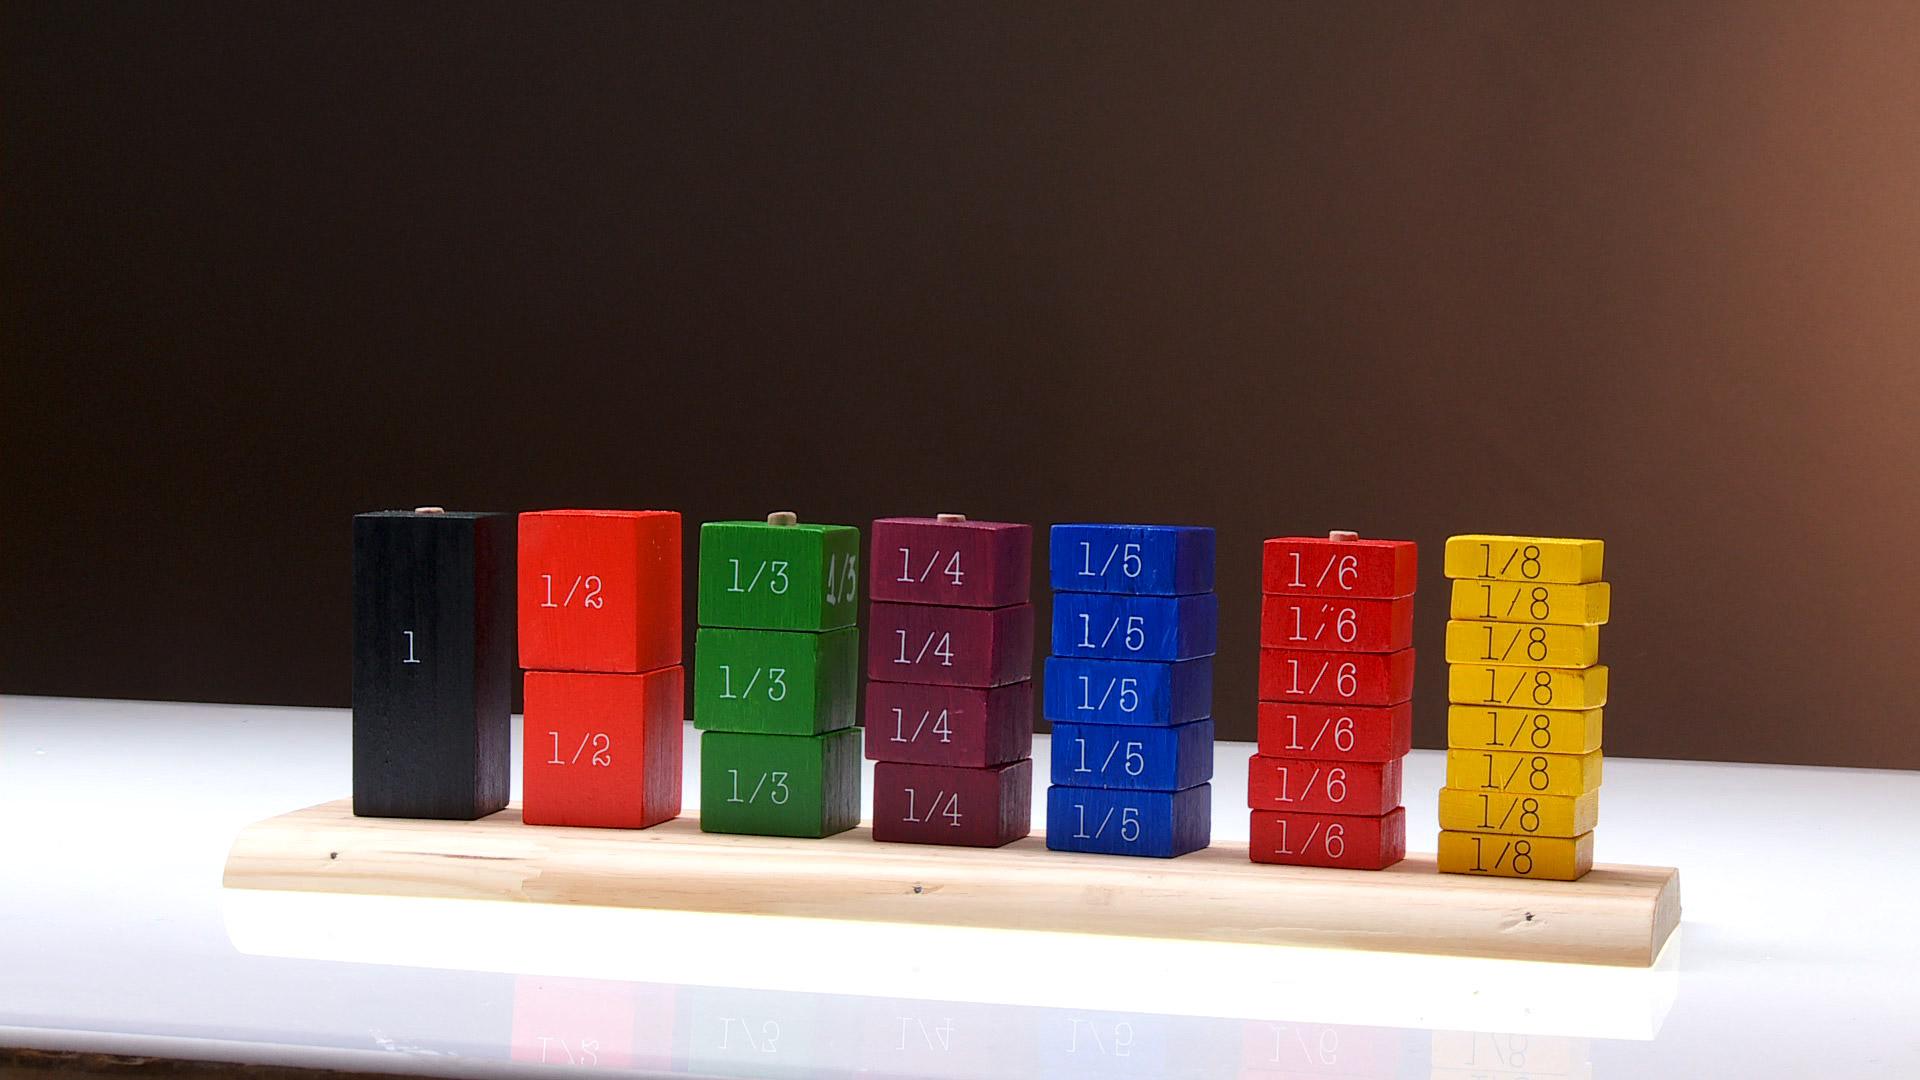 Los ábacos son herramientas para realizar operaciones matemáticas. Fueron las primeras calculadoras. son muy antiguos, de hecho los inventaron los mesopotámicos, hace 4 mil años. Su sistema consiste en elementos que representan números, los que se desplazan por barras según el cálculo que hagamos.